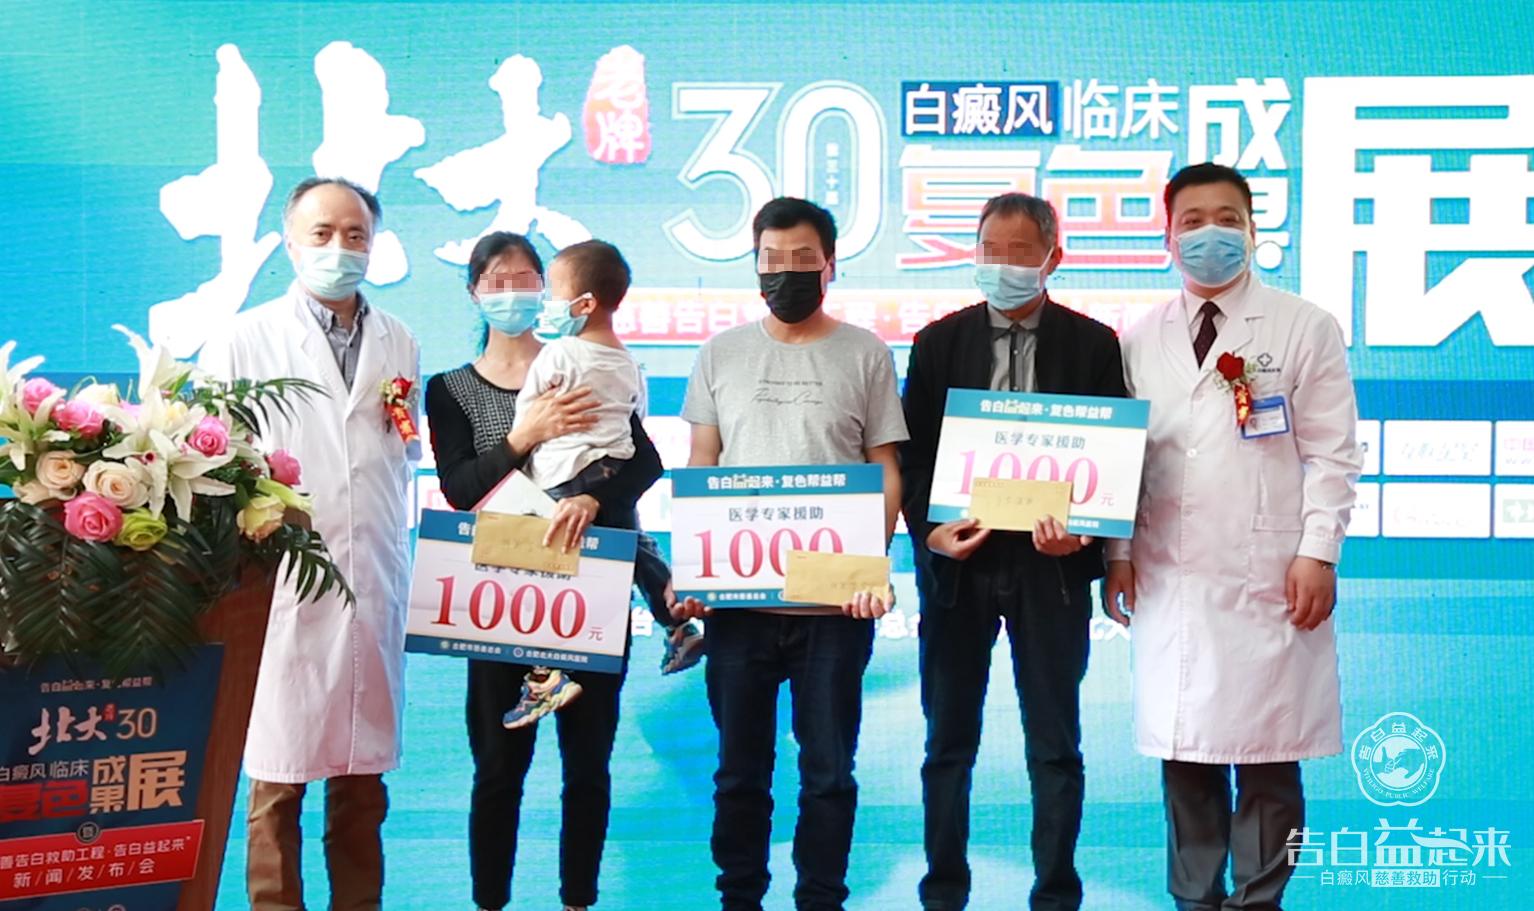 """五月一日合肥北大白癜風醫院告白益起來""""白癜風慈善救助行動今日啟動"""